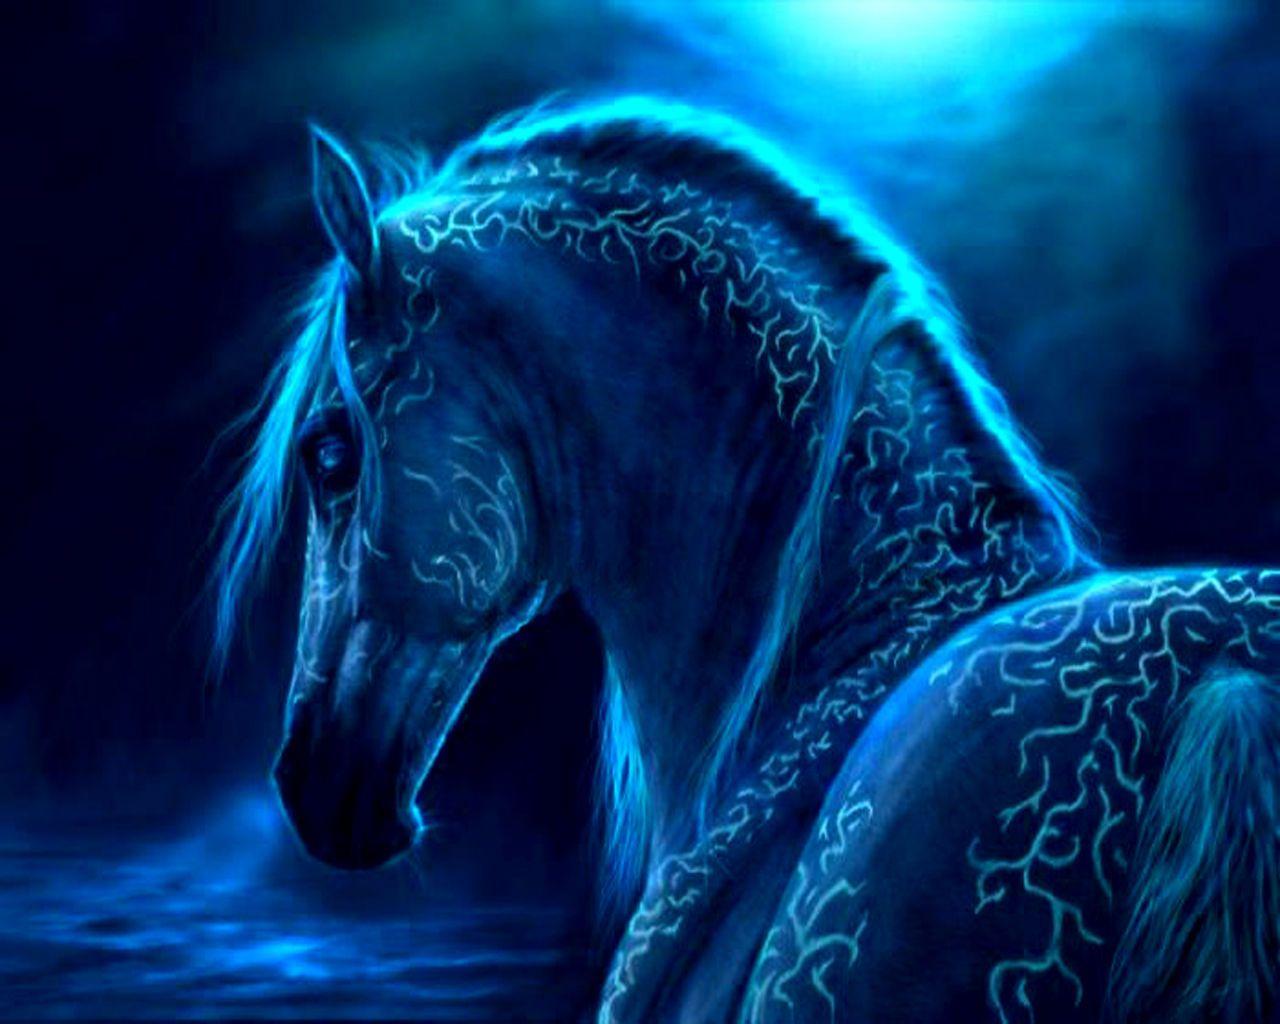 Most Inspiring Wallpaper Horse Fantasy - 96274bd80b5a75d3de8ad93fe7254df6  Collection_715079.jpg